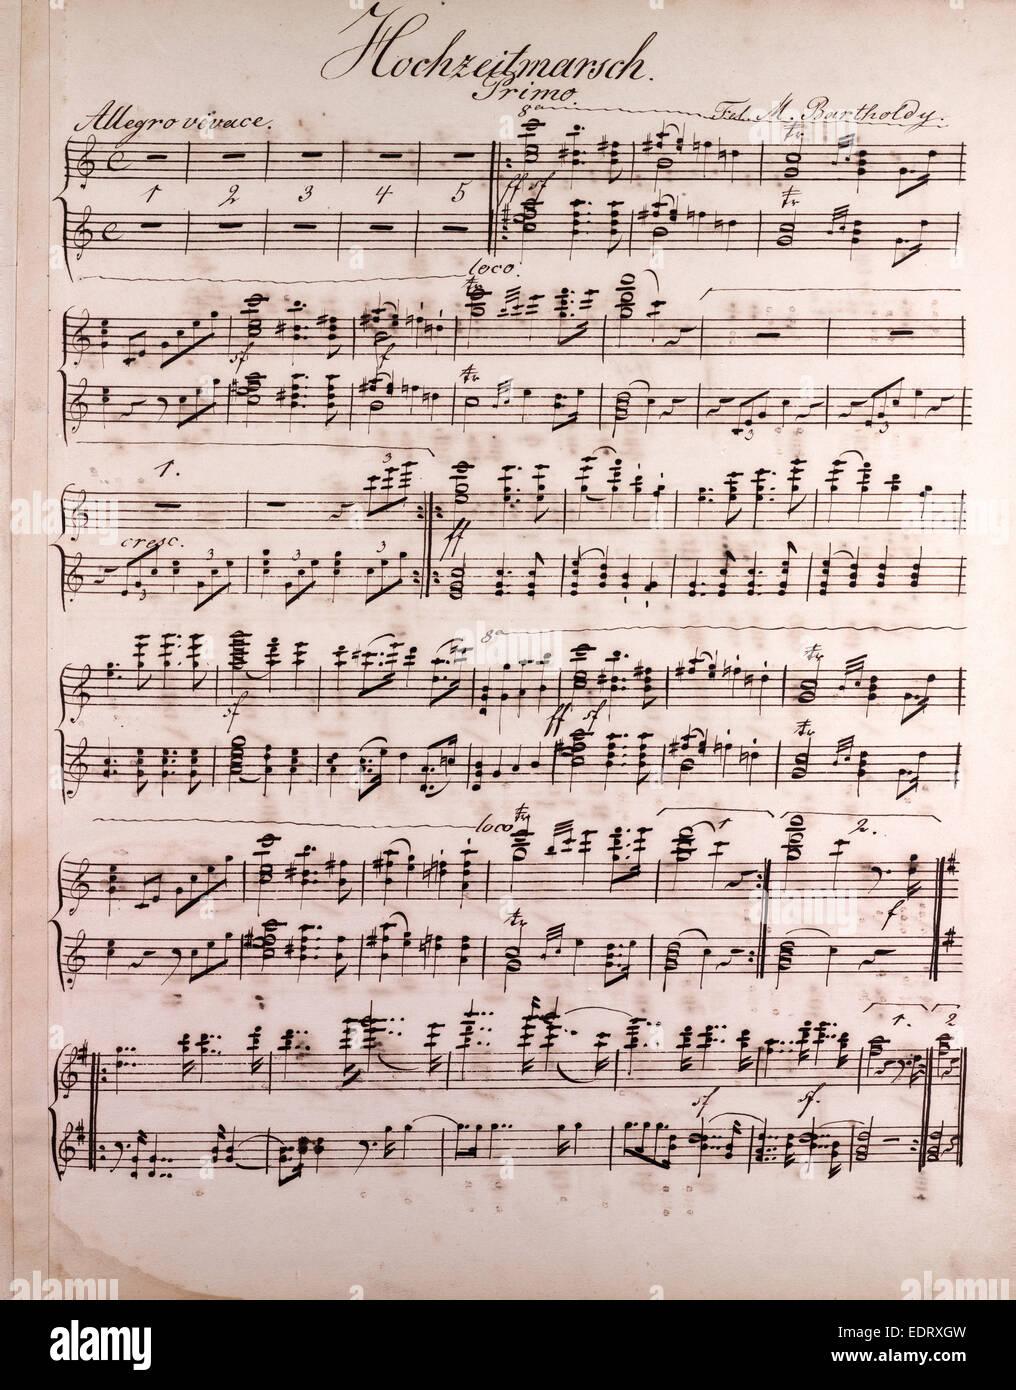 Fogli manoscritti di musica, note, del xix secolo, Hochzeitmarsch, allegro vivace Immagini Stock